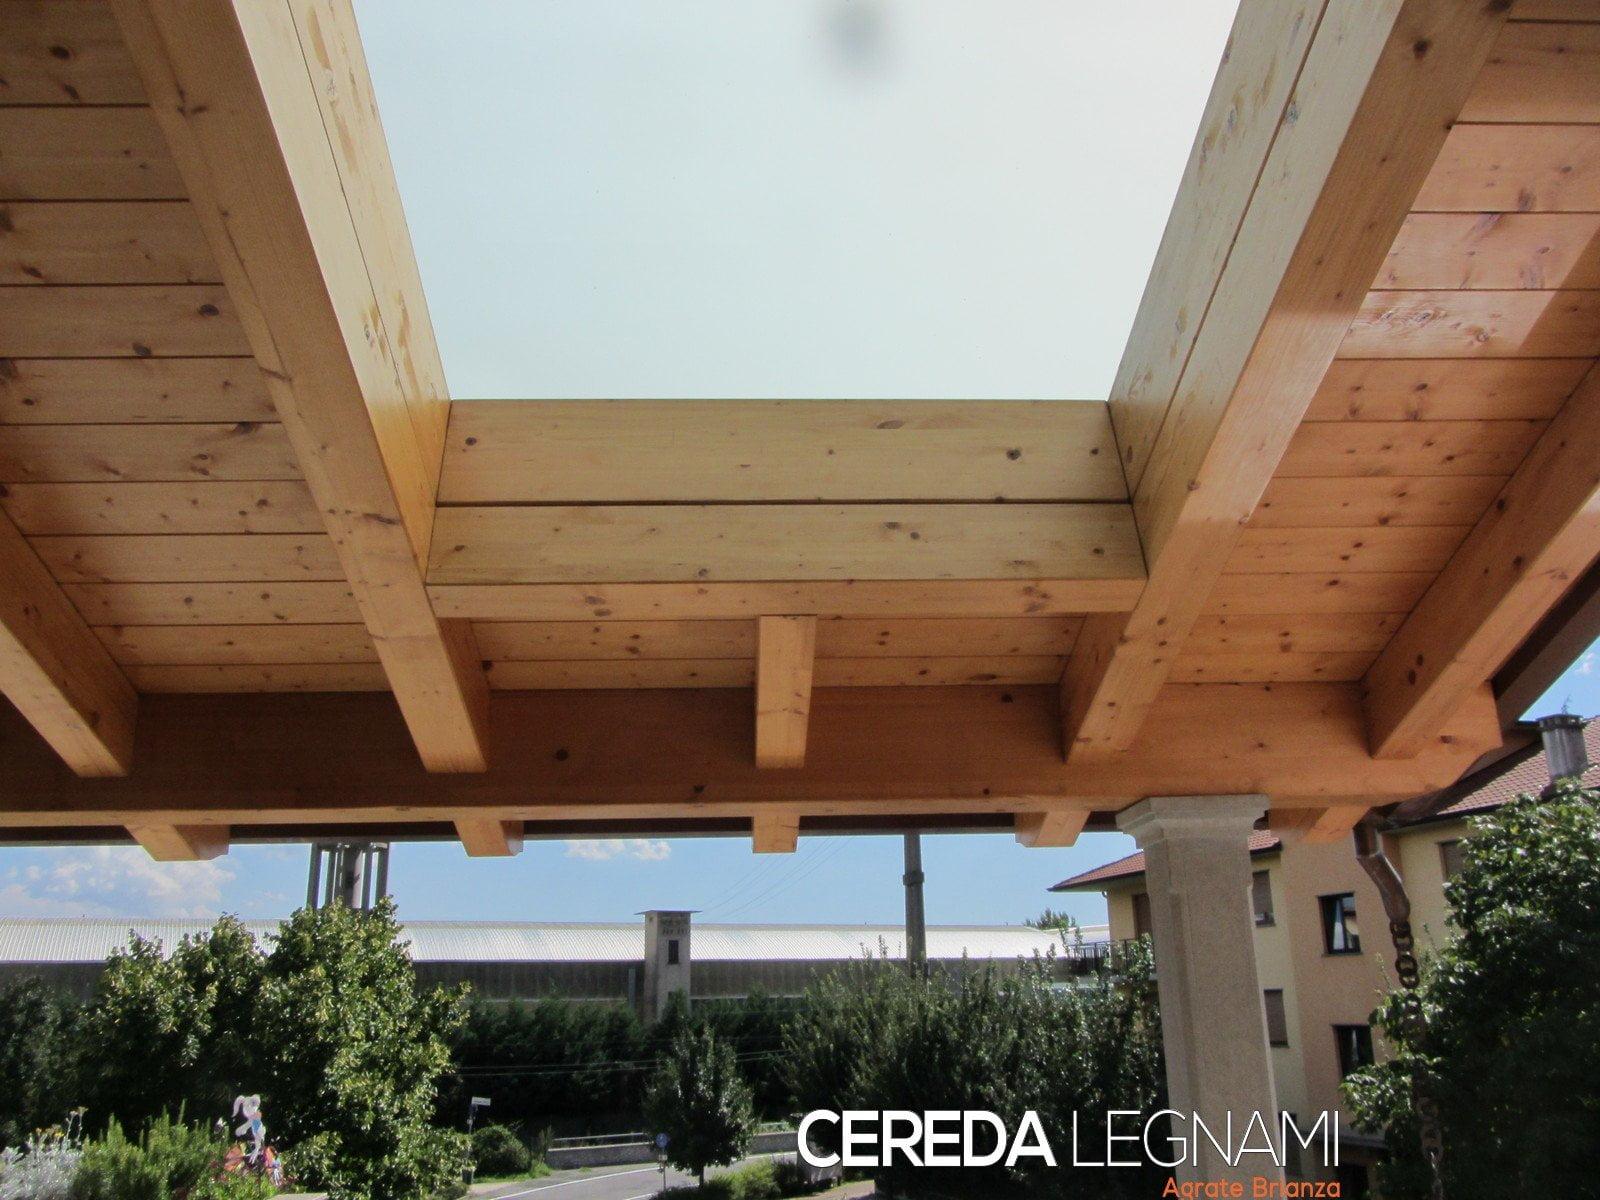 Tettoia con vetrata cereda legnami agrate brianza for Velux tetto in legno